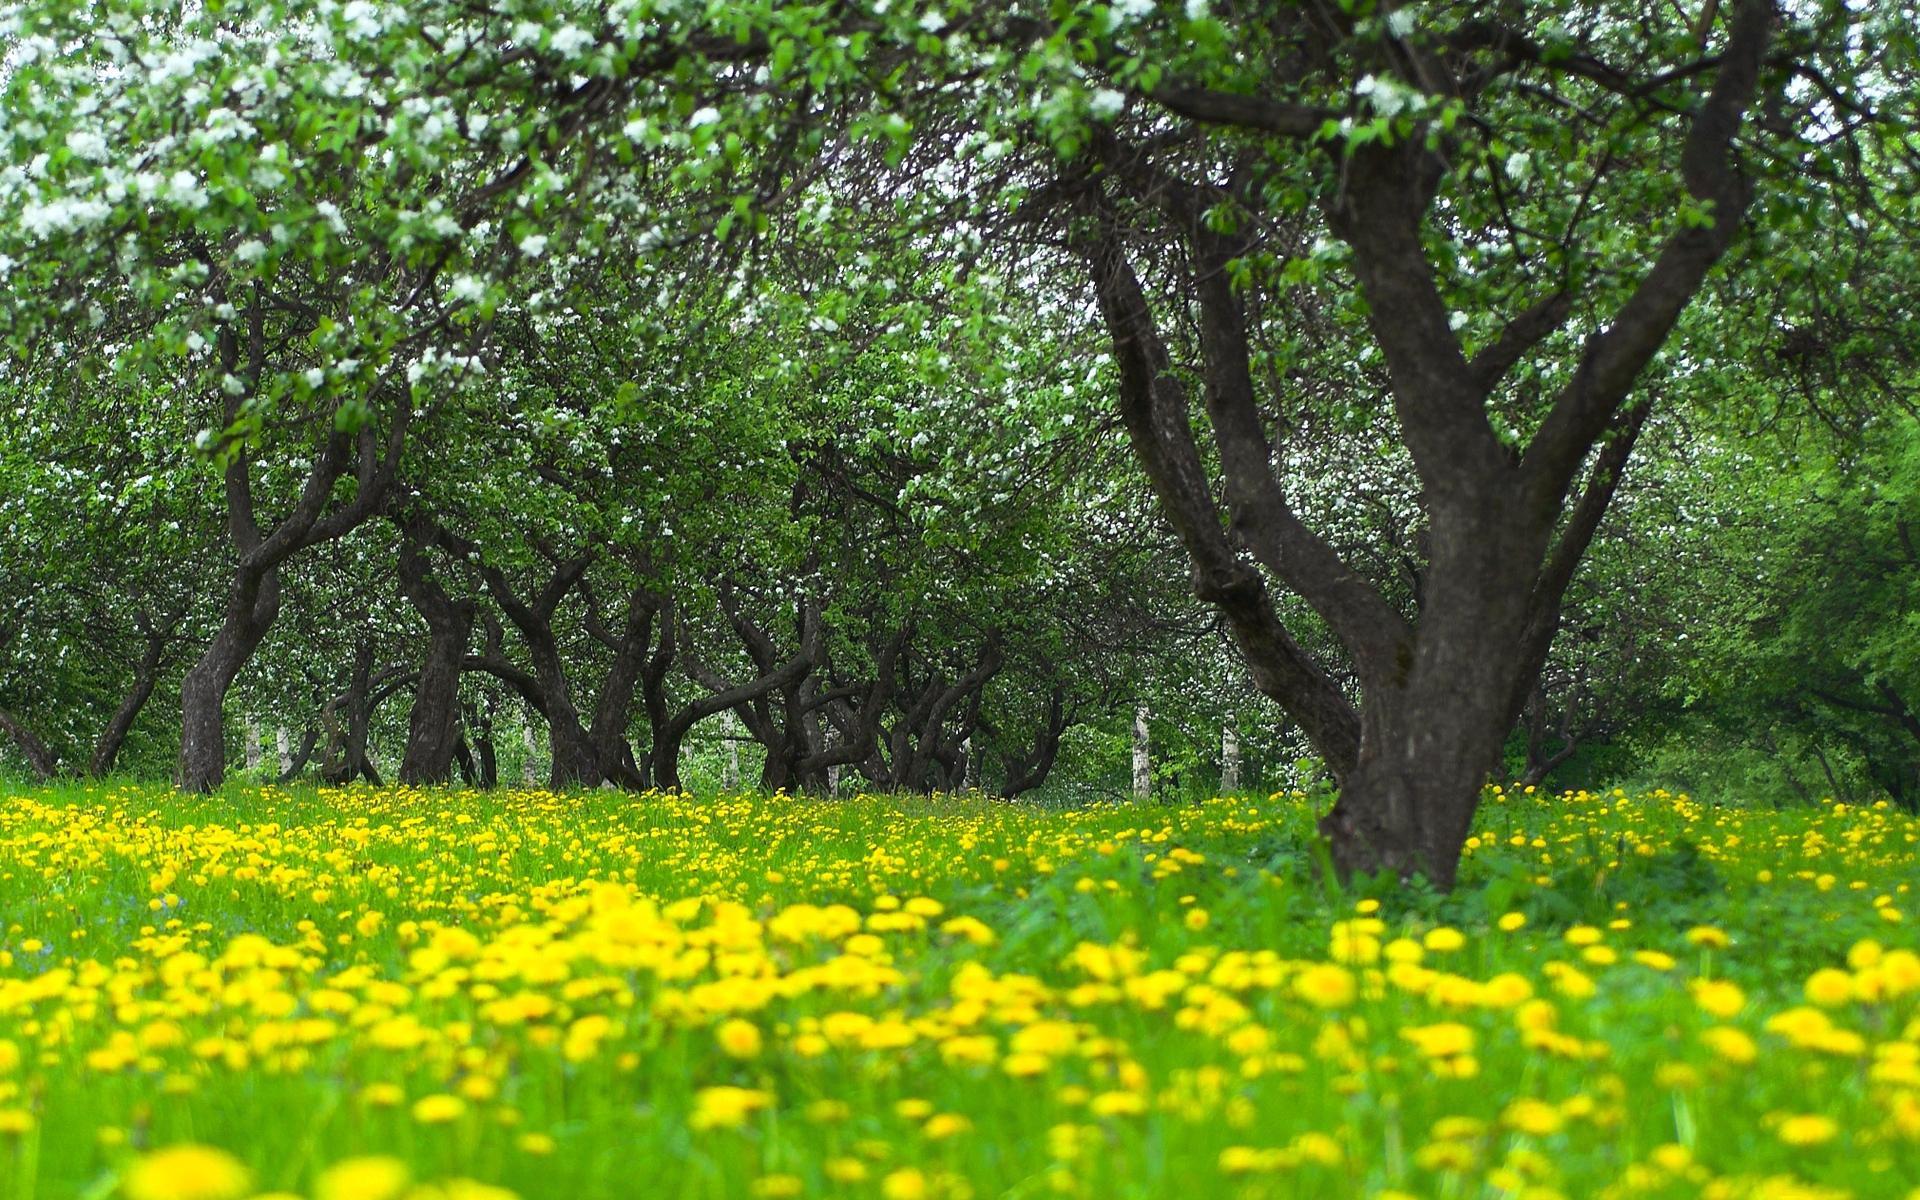 Flower Garden Wallpaper flower garden wallpaper - hd desktop wallpapers | 4k hd